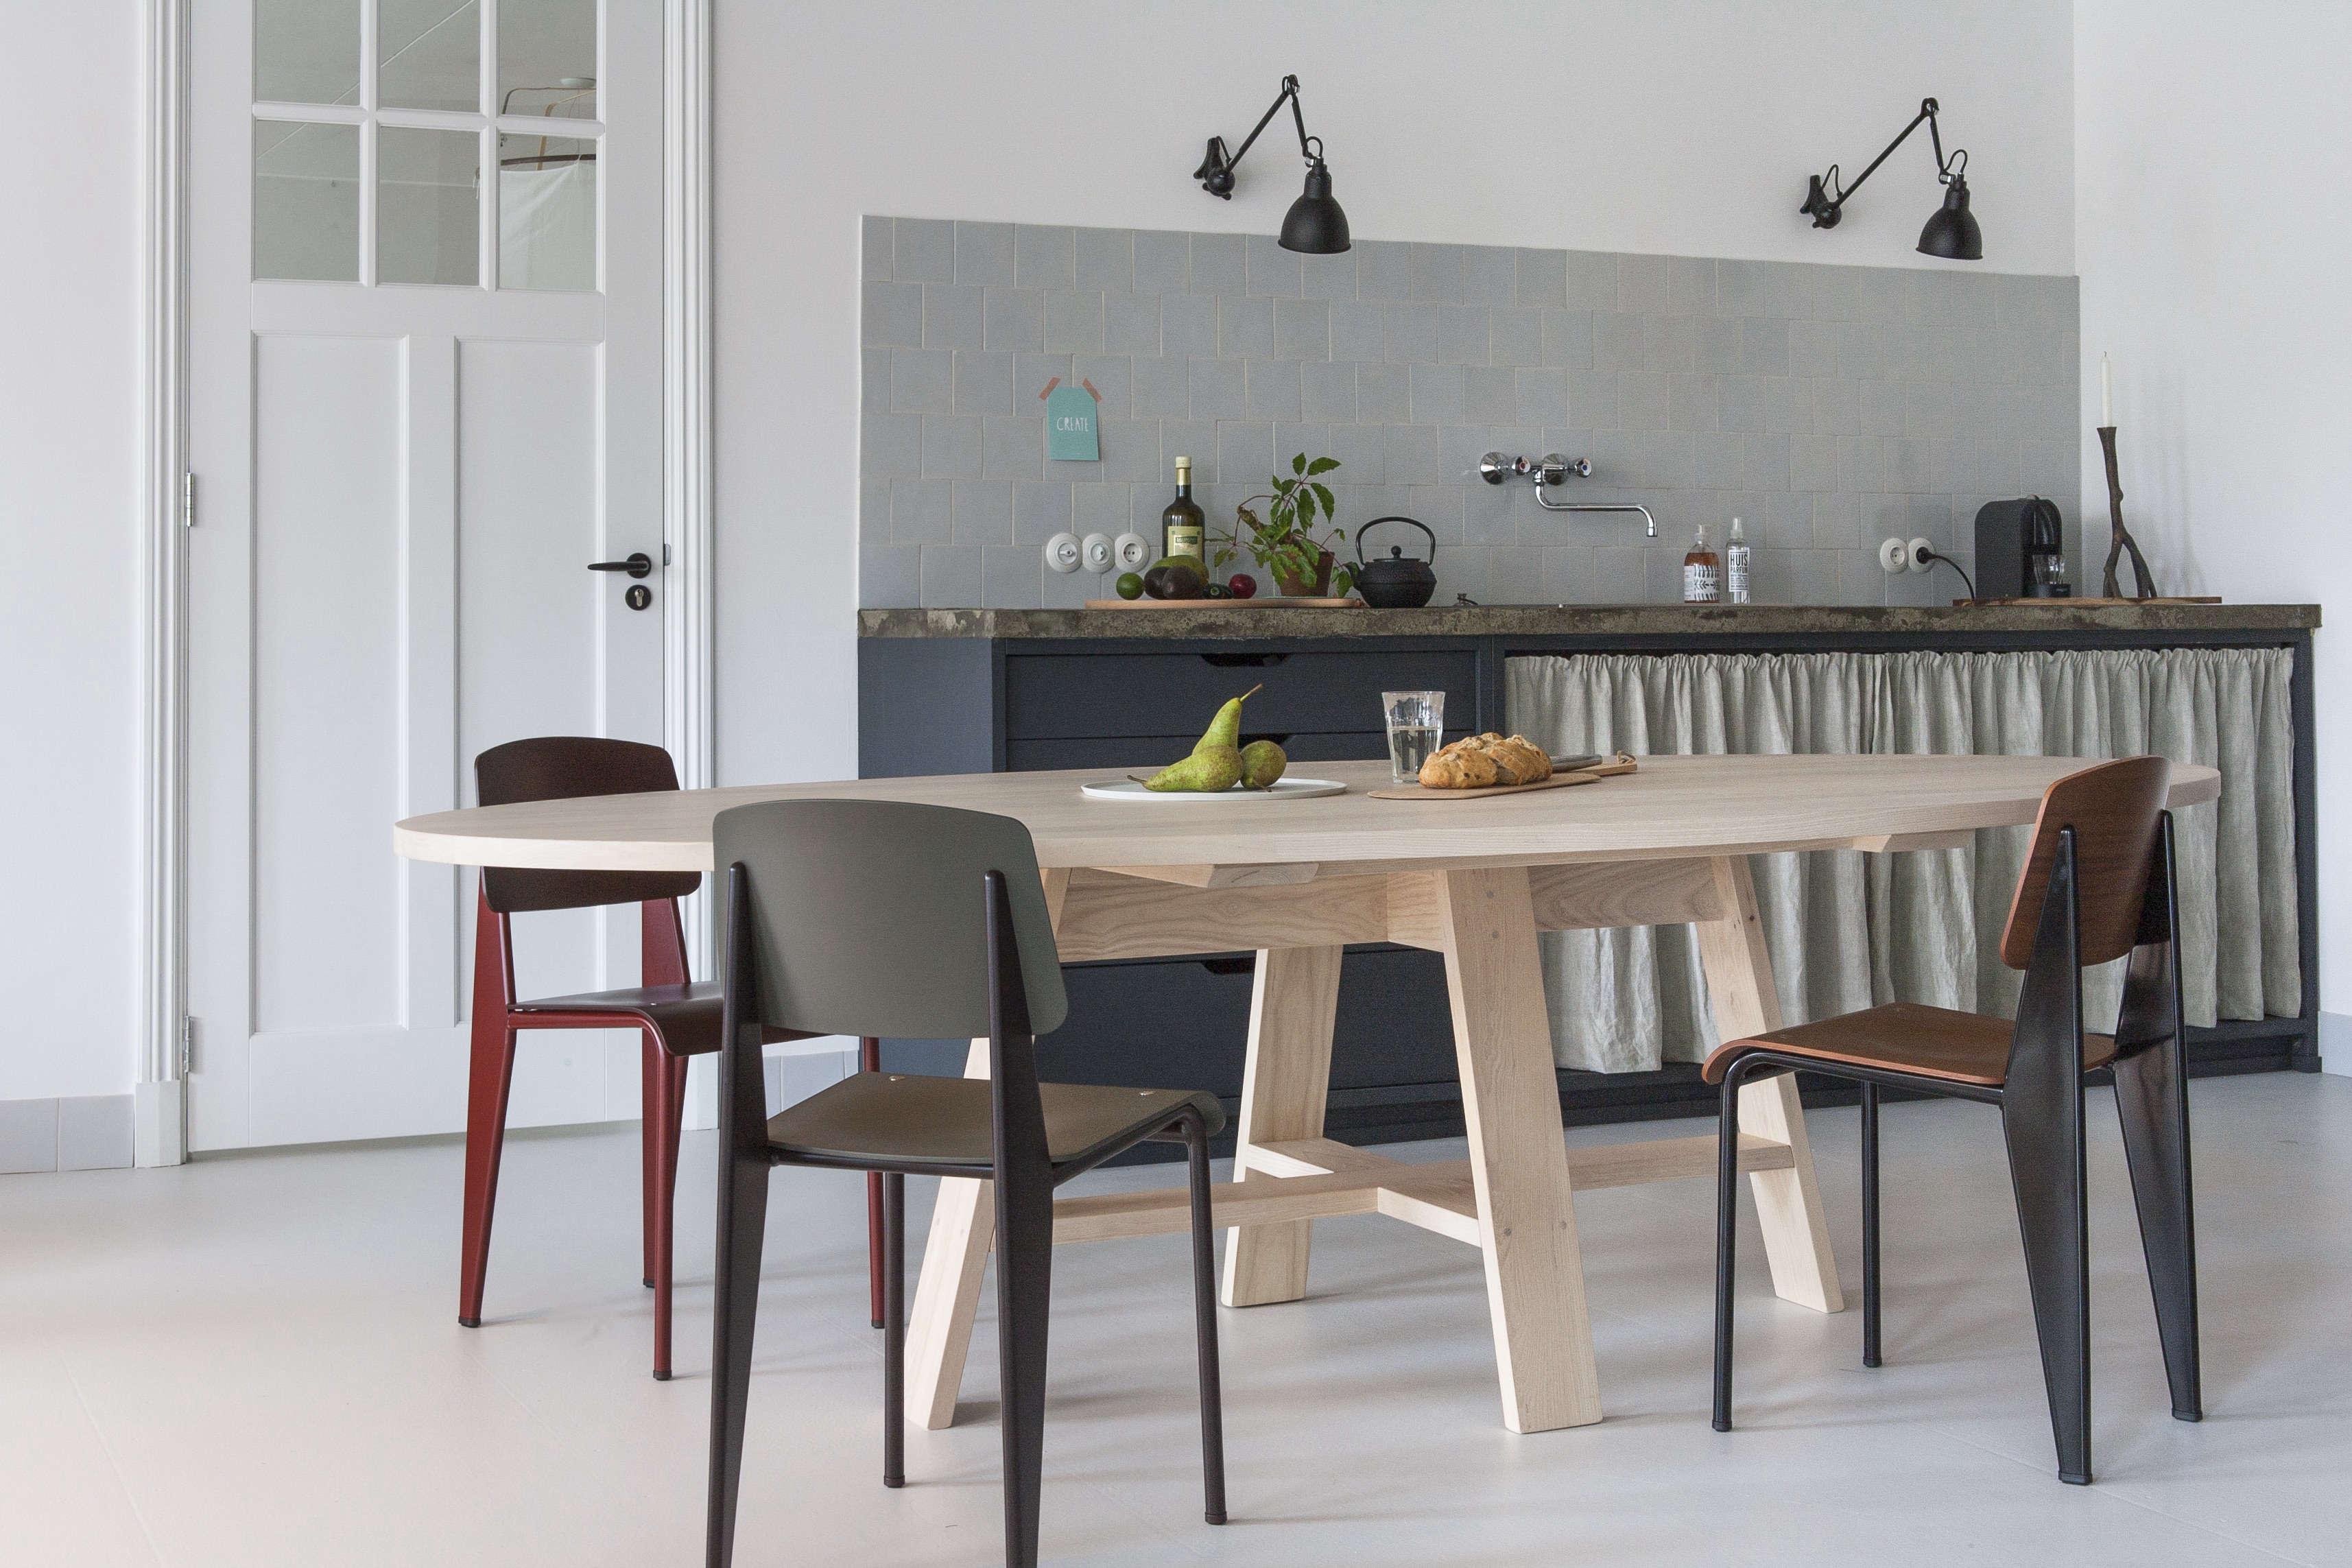 Christen-Starkenburg-Jan-de-Jong-Slow-Wood-kitchen-Netherlands-Anna-de-Leeuw-photo-Remodelista-1